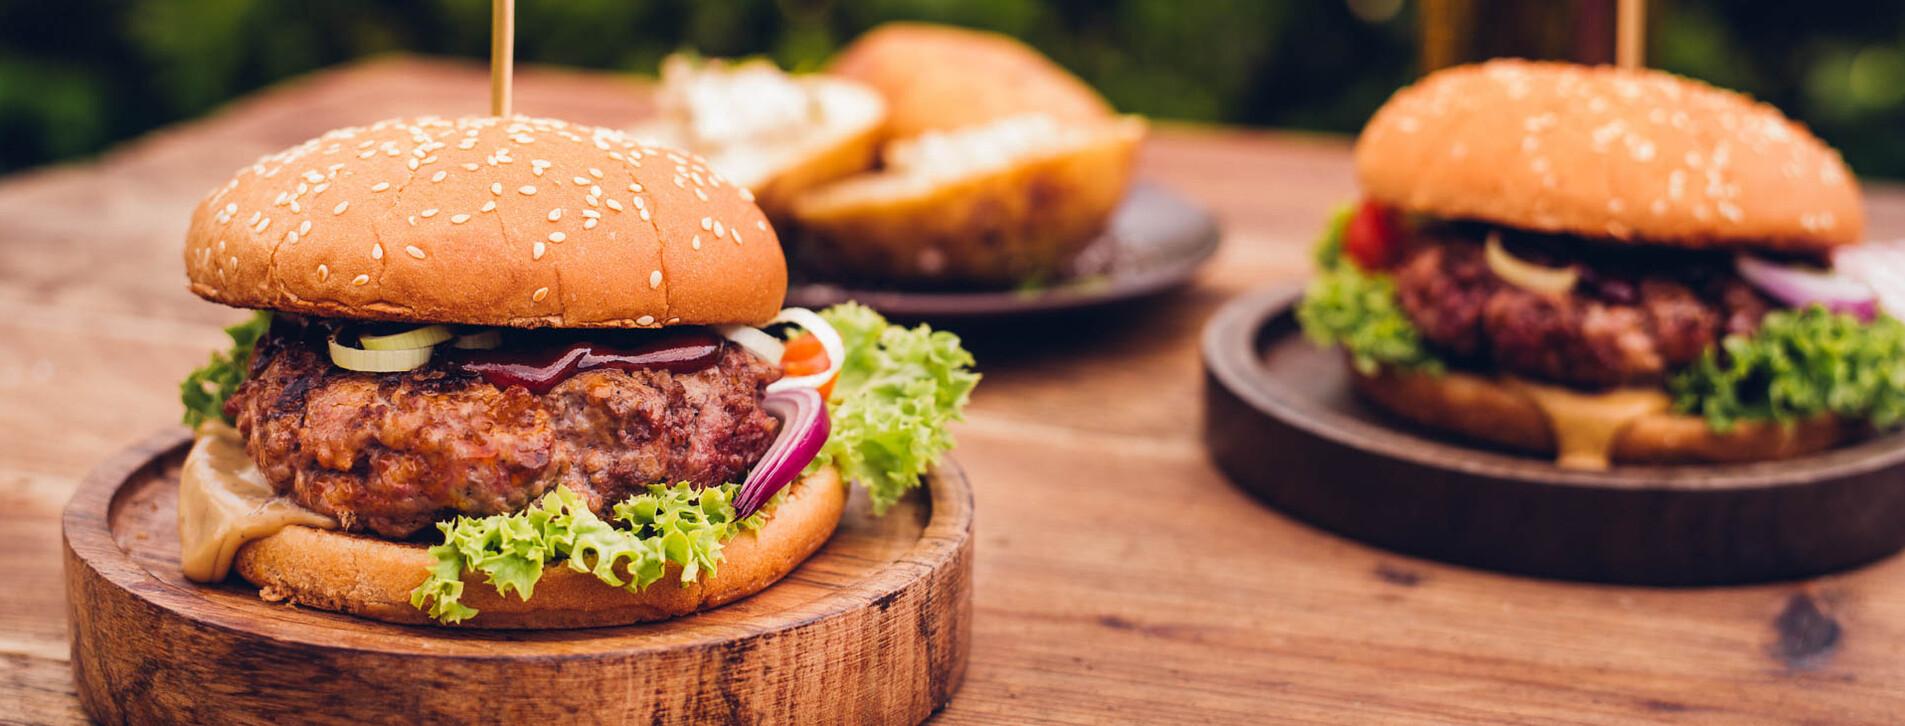 Фото 1 - Бургер-день для компании